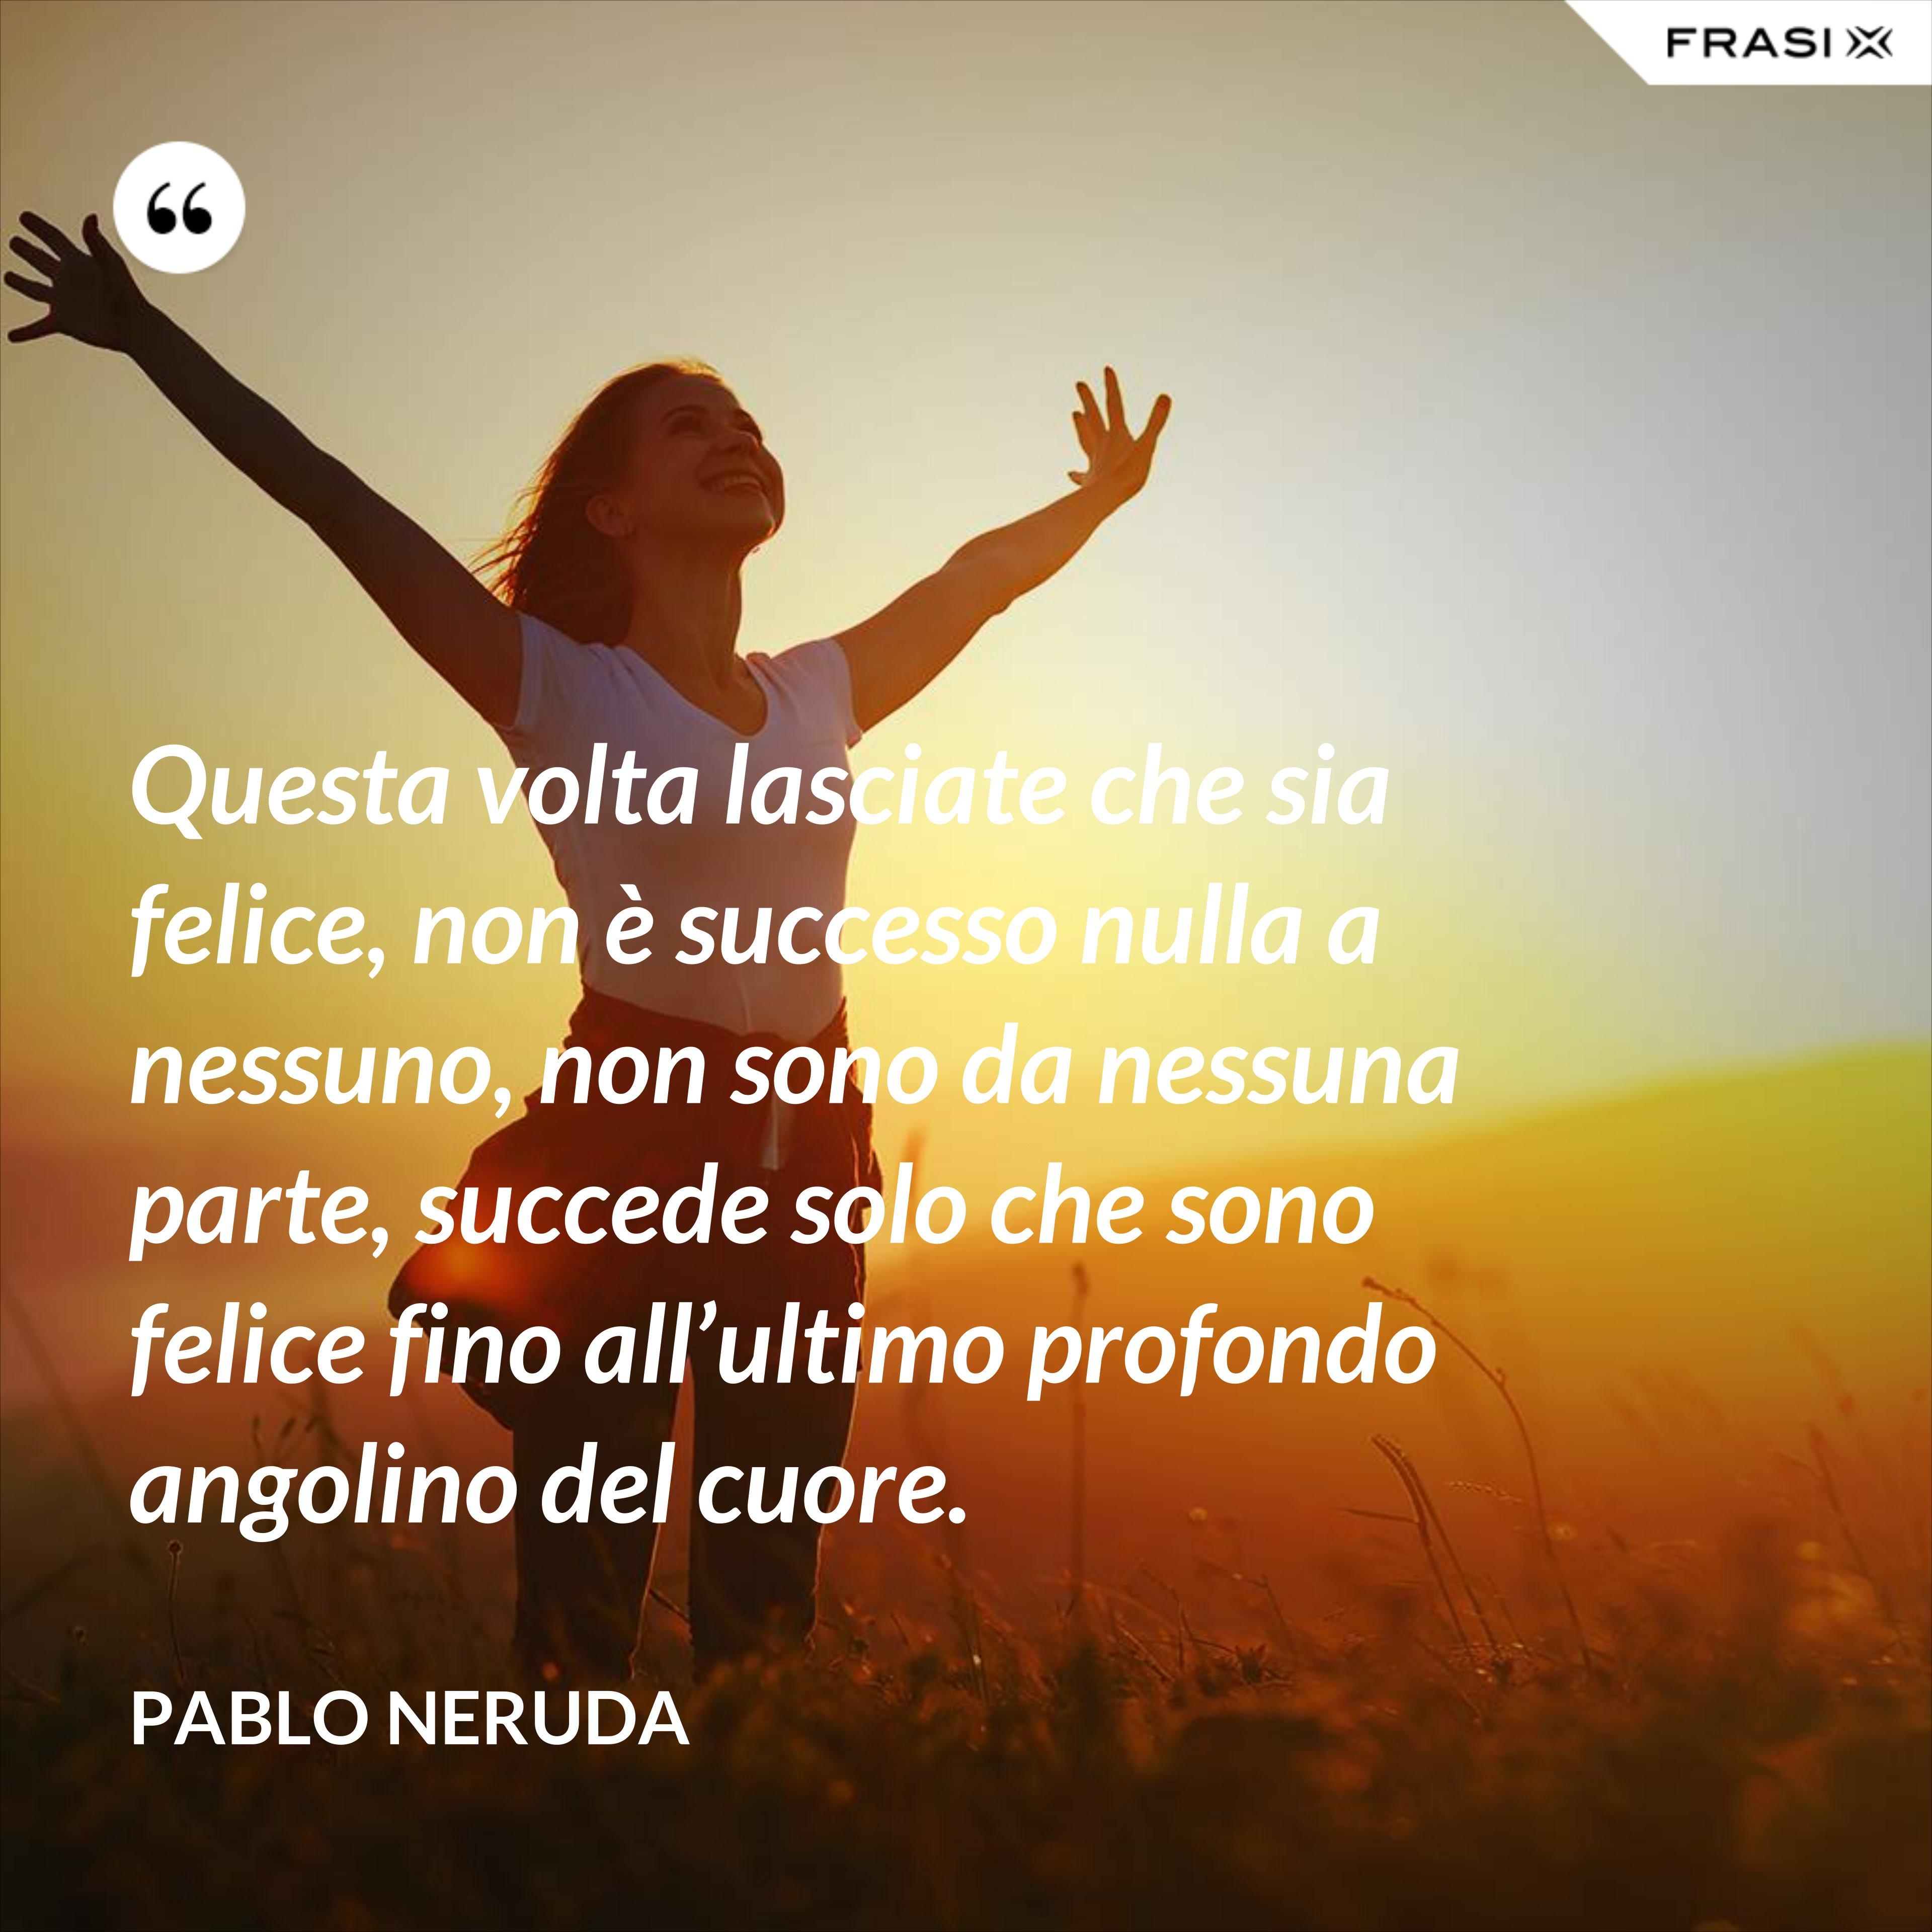 Questa volta lasciate che sia felice, non è successo nulla a nessuno, non sono da nessuna parte, succede solo che sono felice fino all'ultimo profondo angolino del cuore. - Pablo Neruda